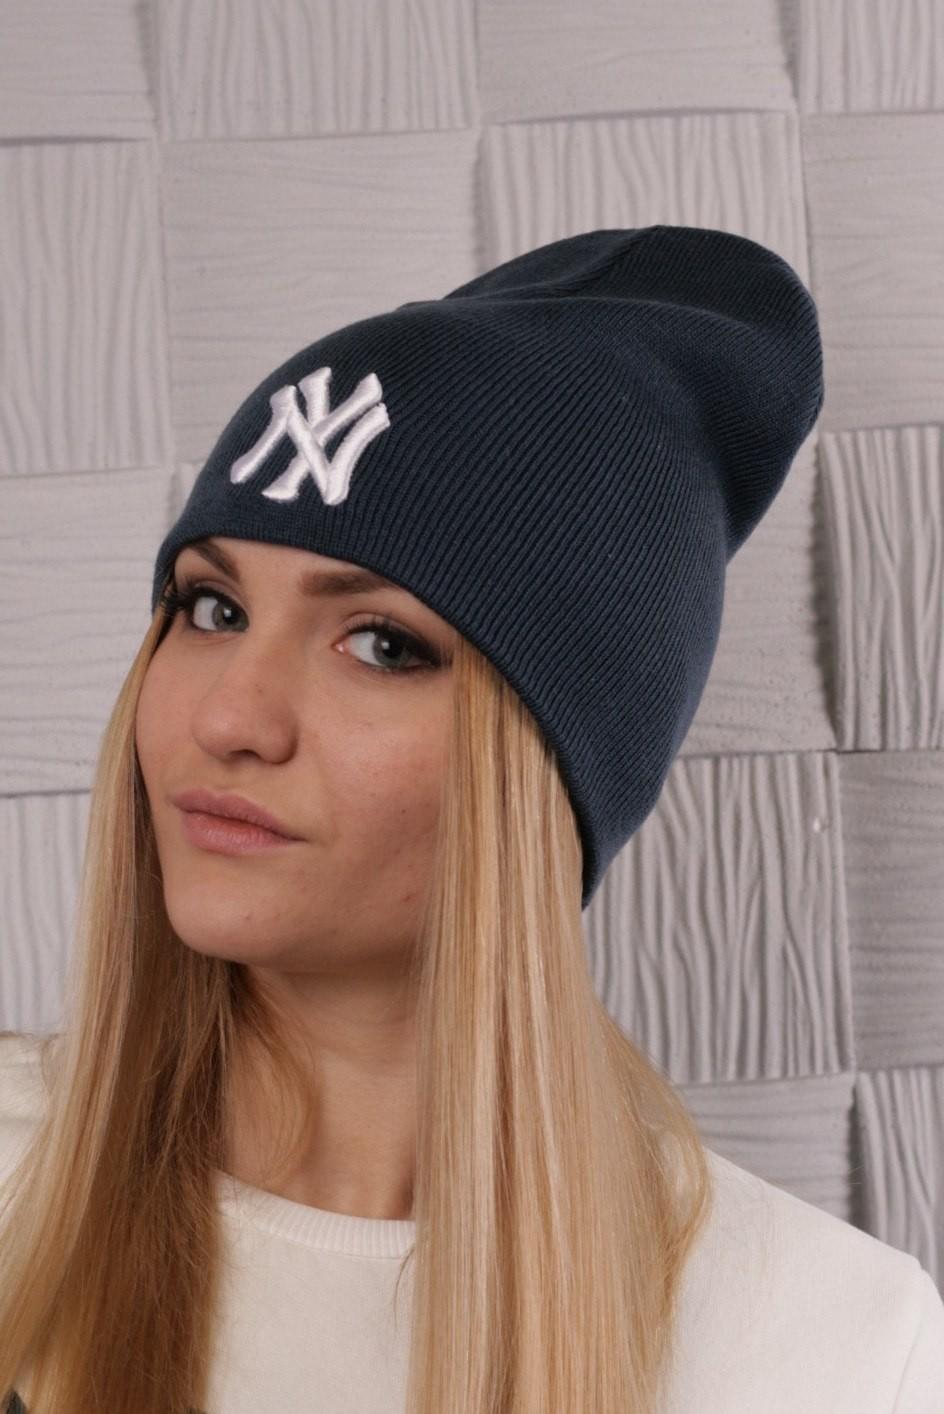 Как носить шапку с челкой: вязаная New York с челкой черная